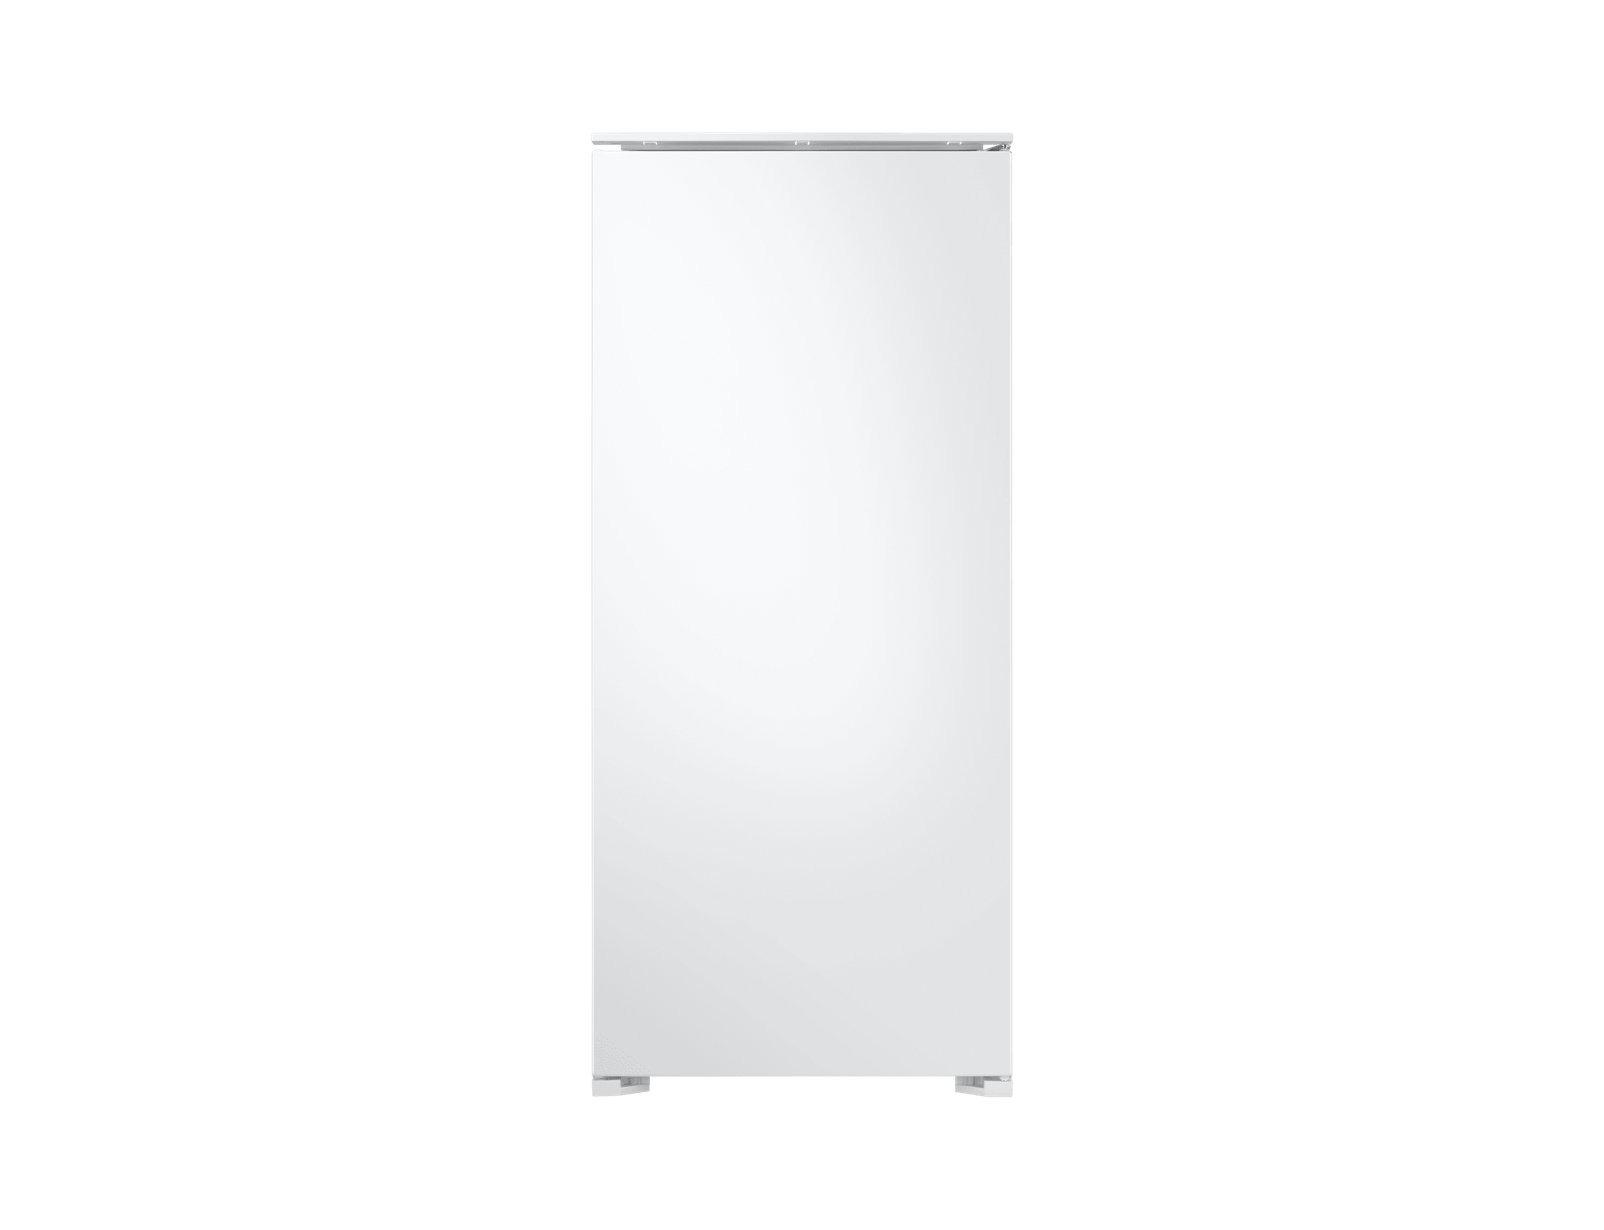 Samsung BRR19M011WW/EG Inbouw koelkast